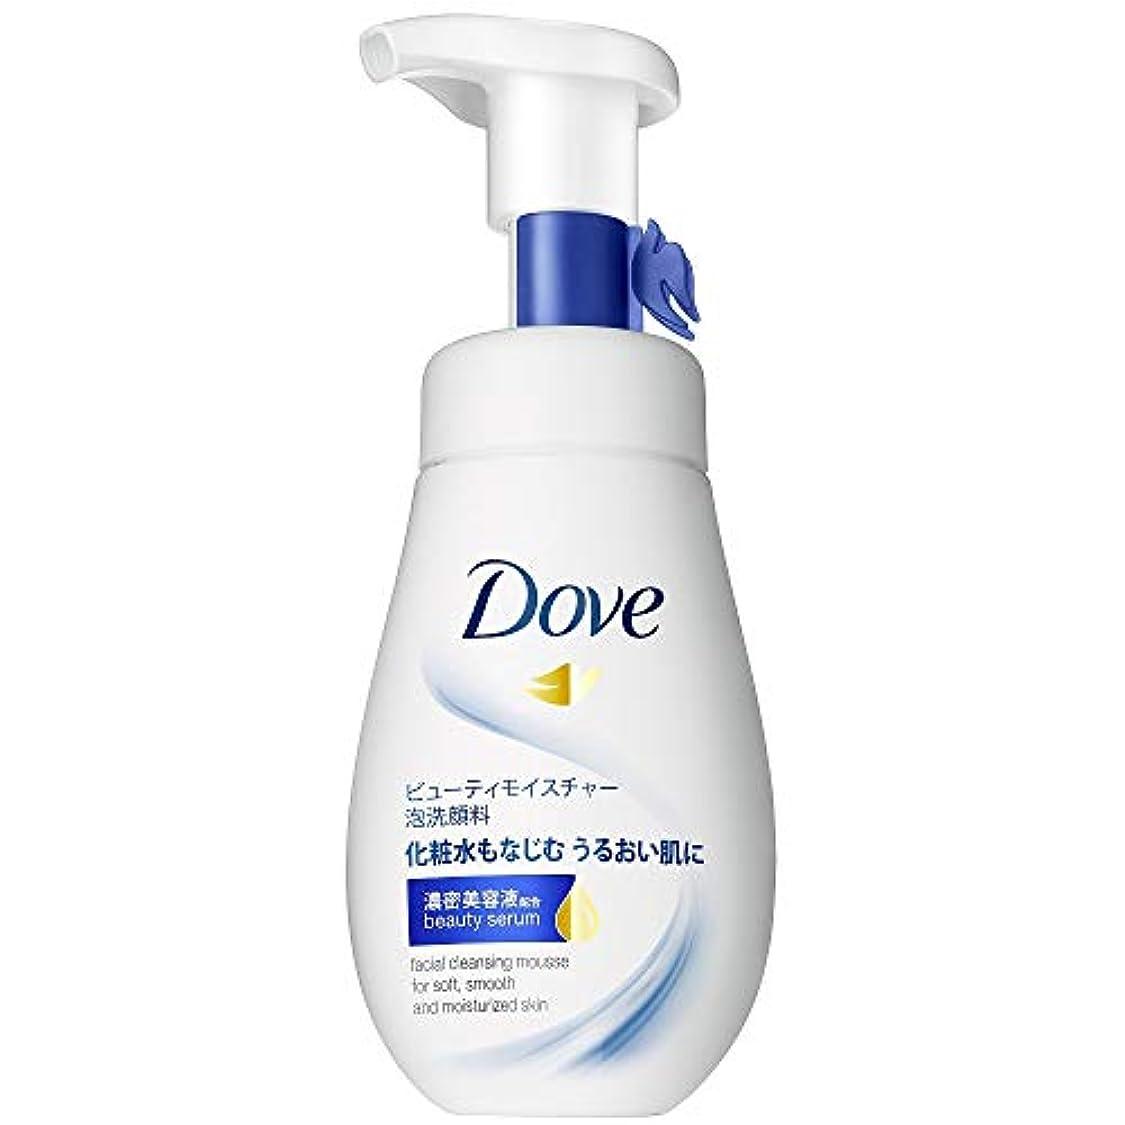 毎月教室バーベキューダウ゛ ビューティモイスチャー クリーミー泡洗顔料 160ml